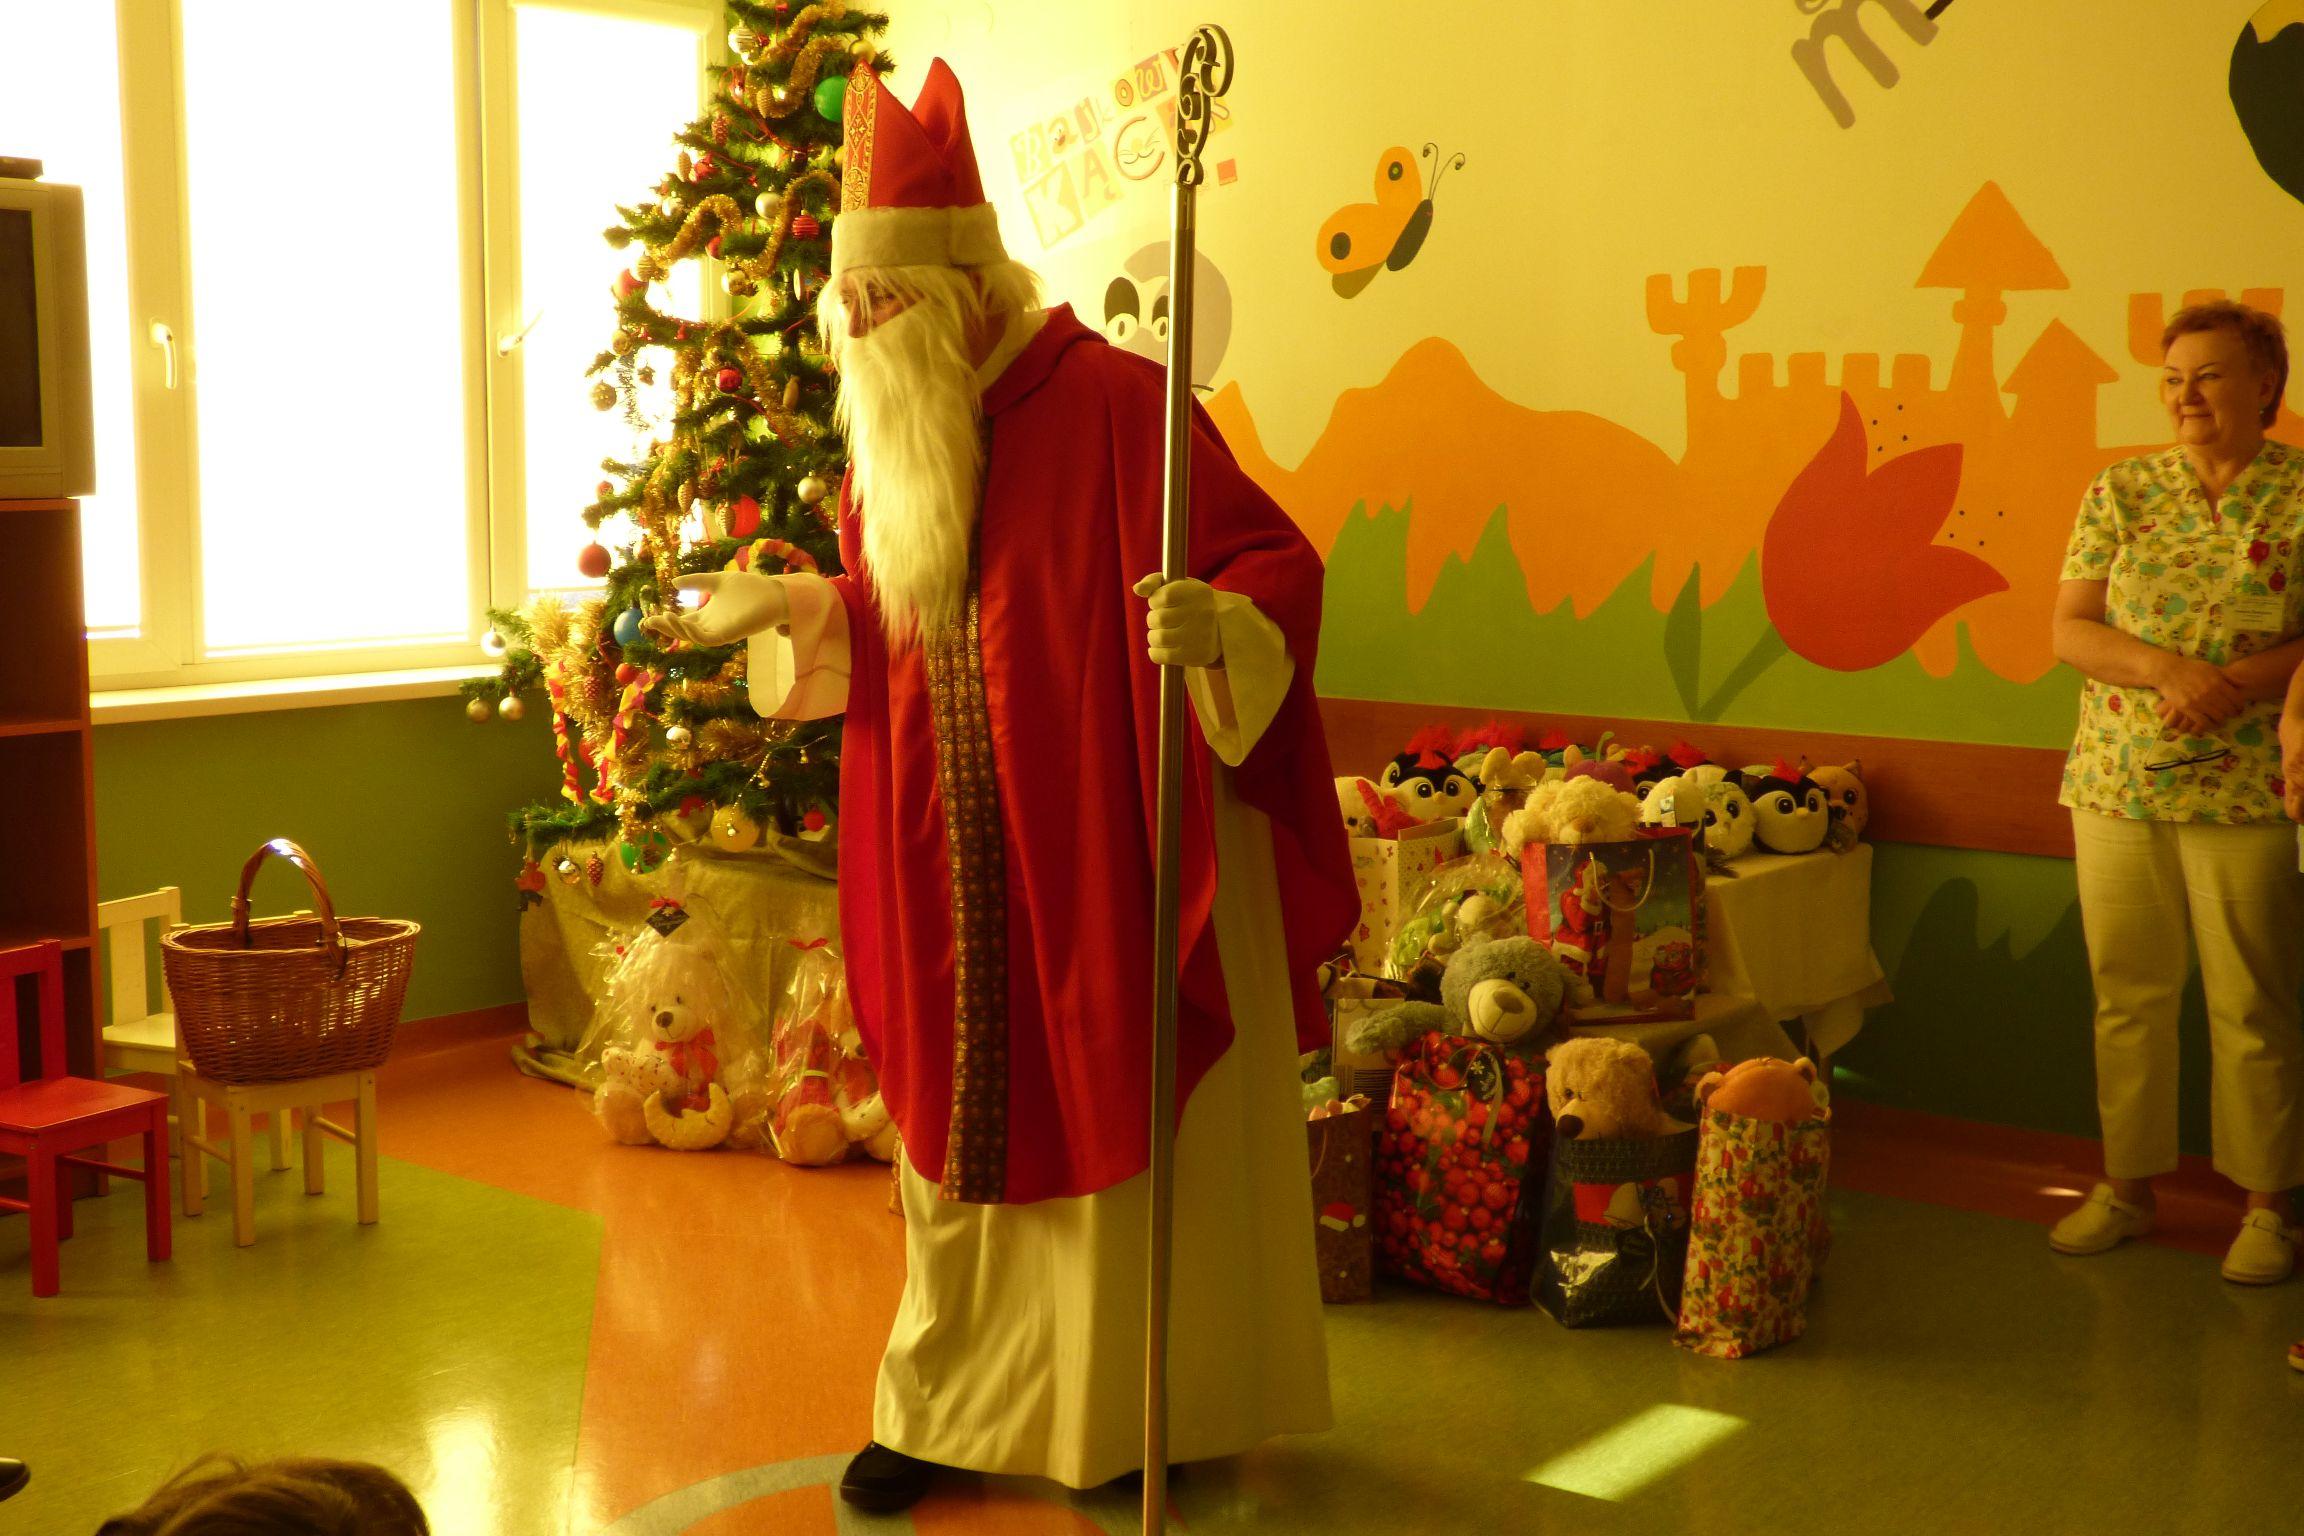 Spotkanie Świętego Mikołaja z małymi pacjentami w Oddziale Dziecięcym